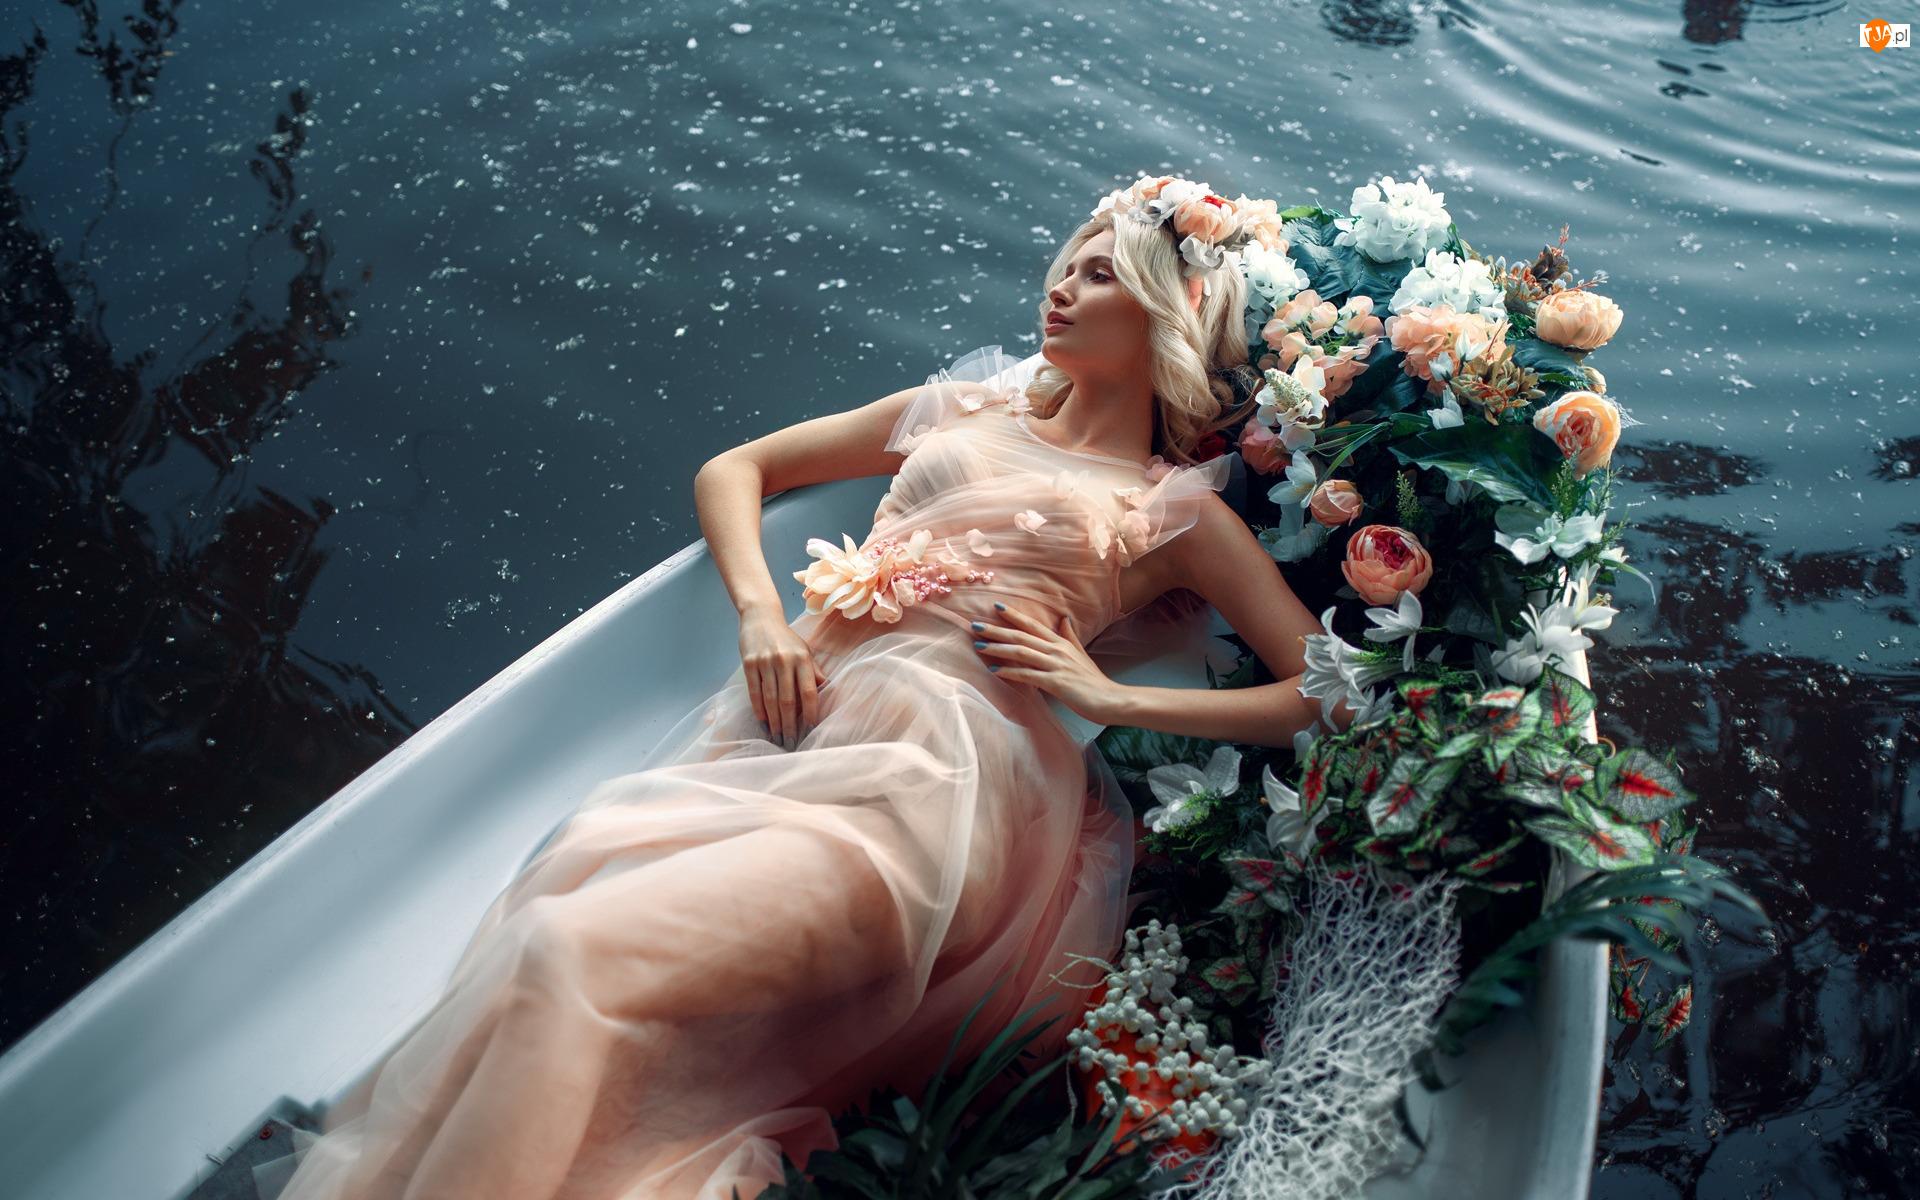 Suknia, Kwiaty, Blondynka, Kobieta, Łódka